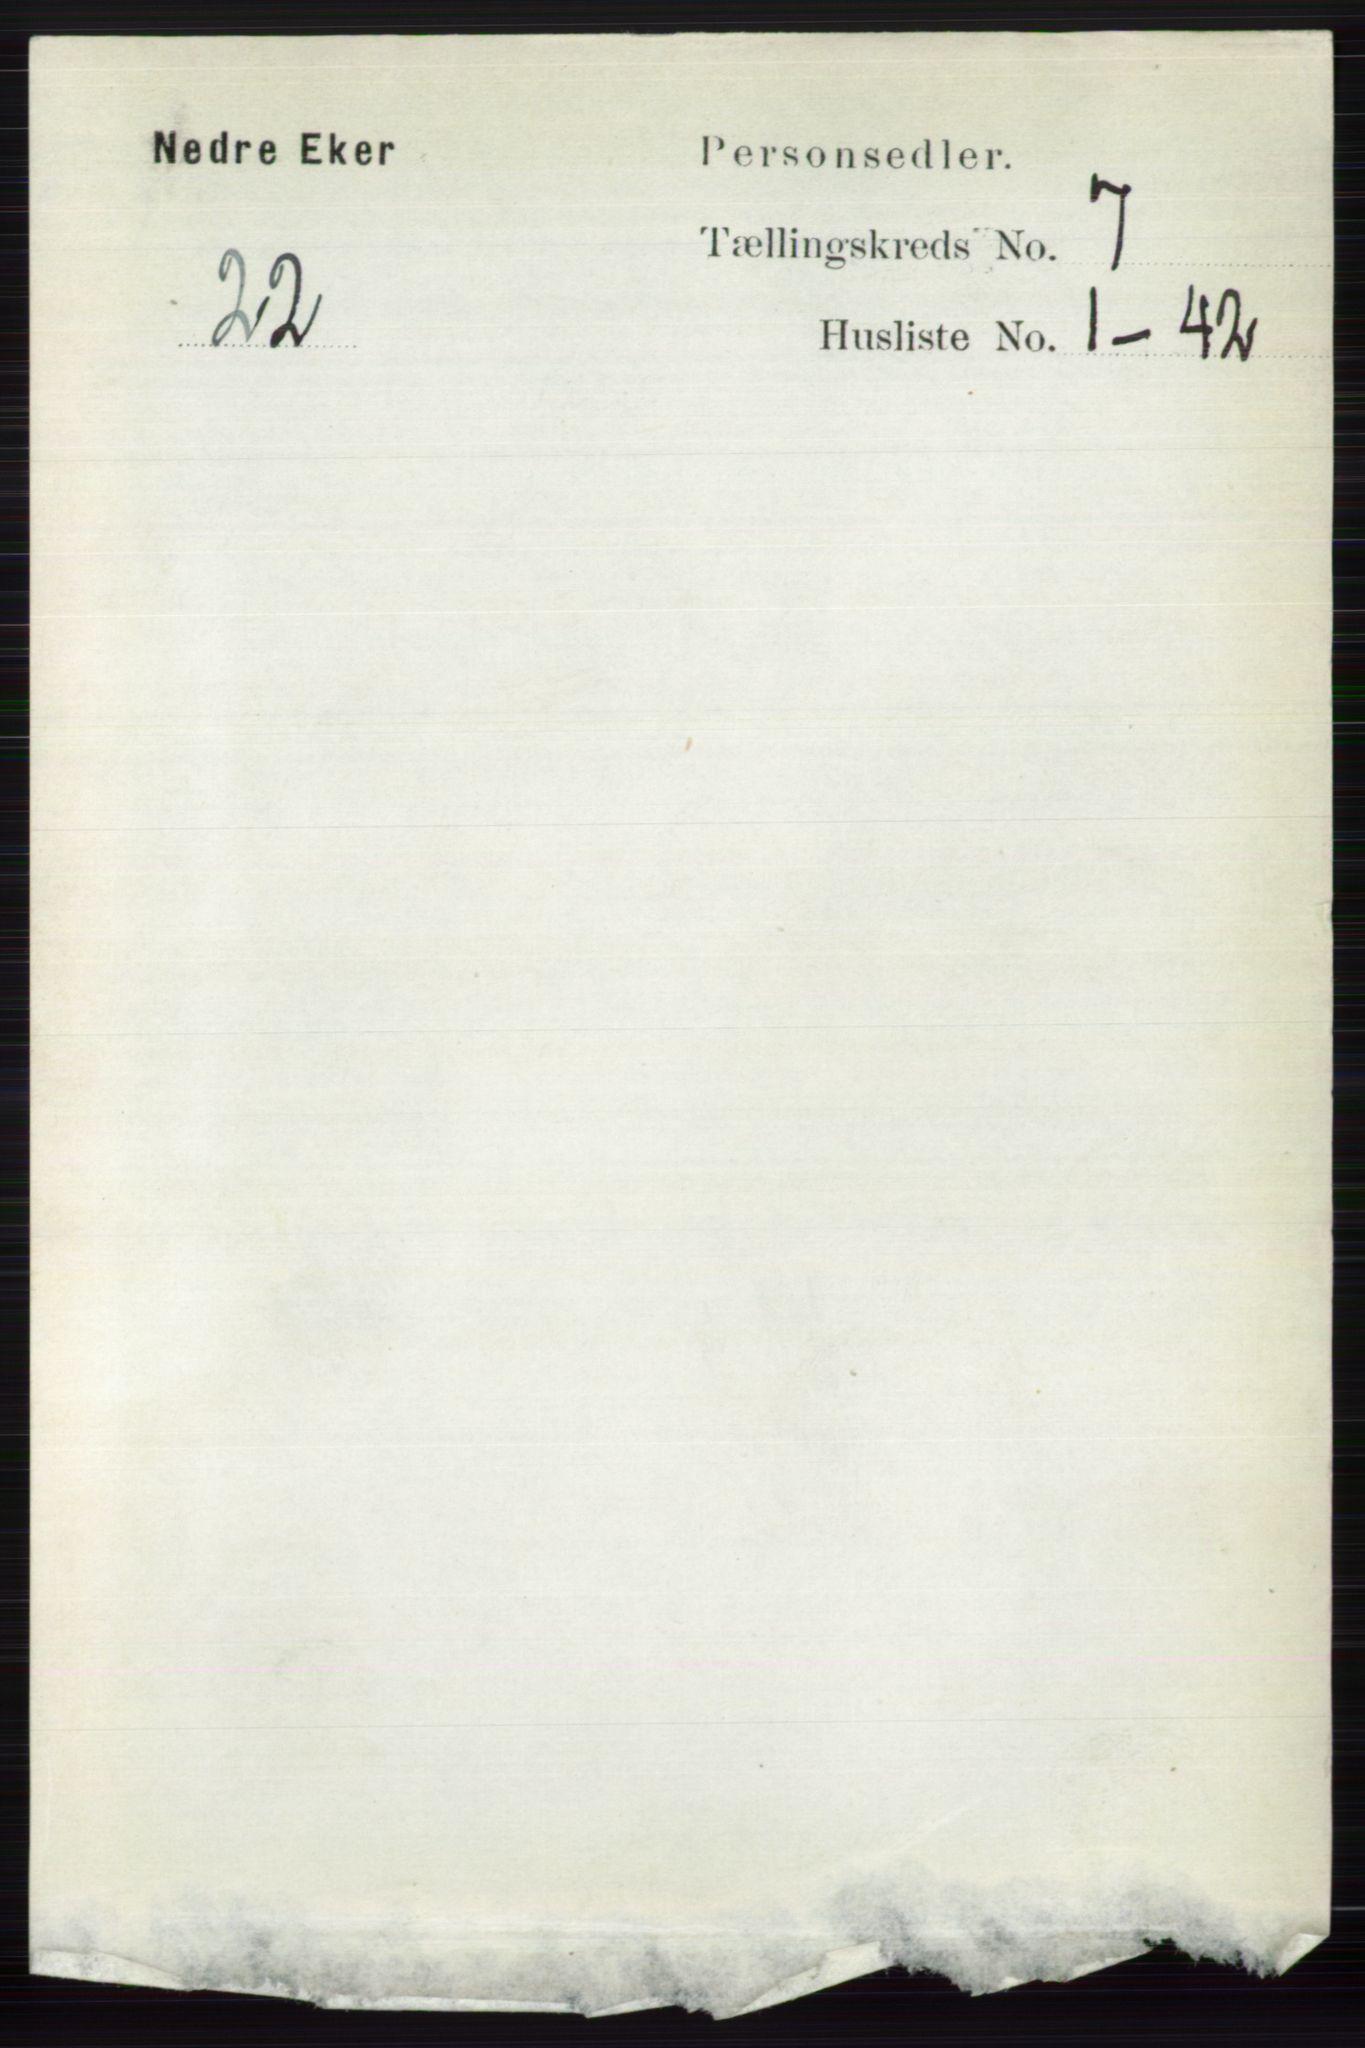 RA, Folketelling 1891 for 0625 Nedre Eiker herred, 1891, s. 3404